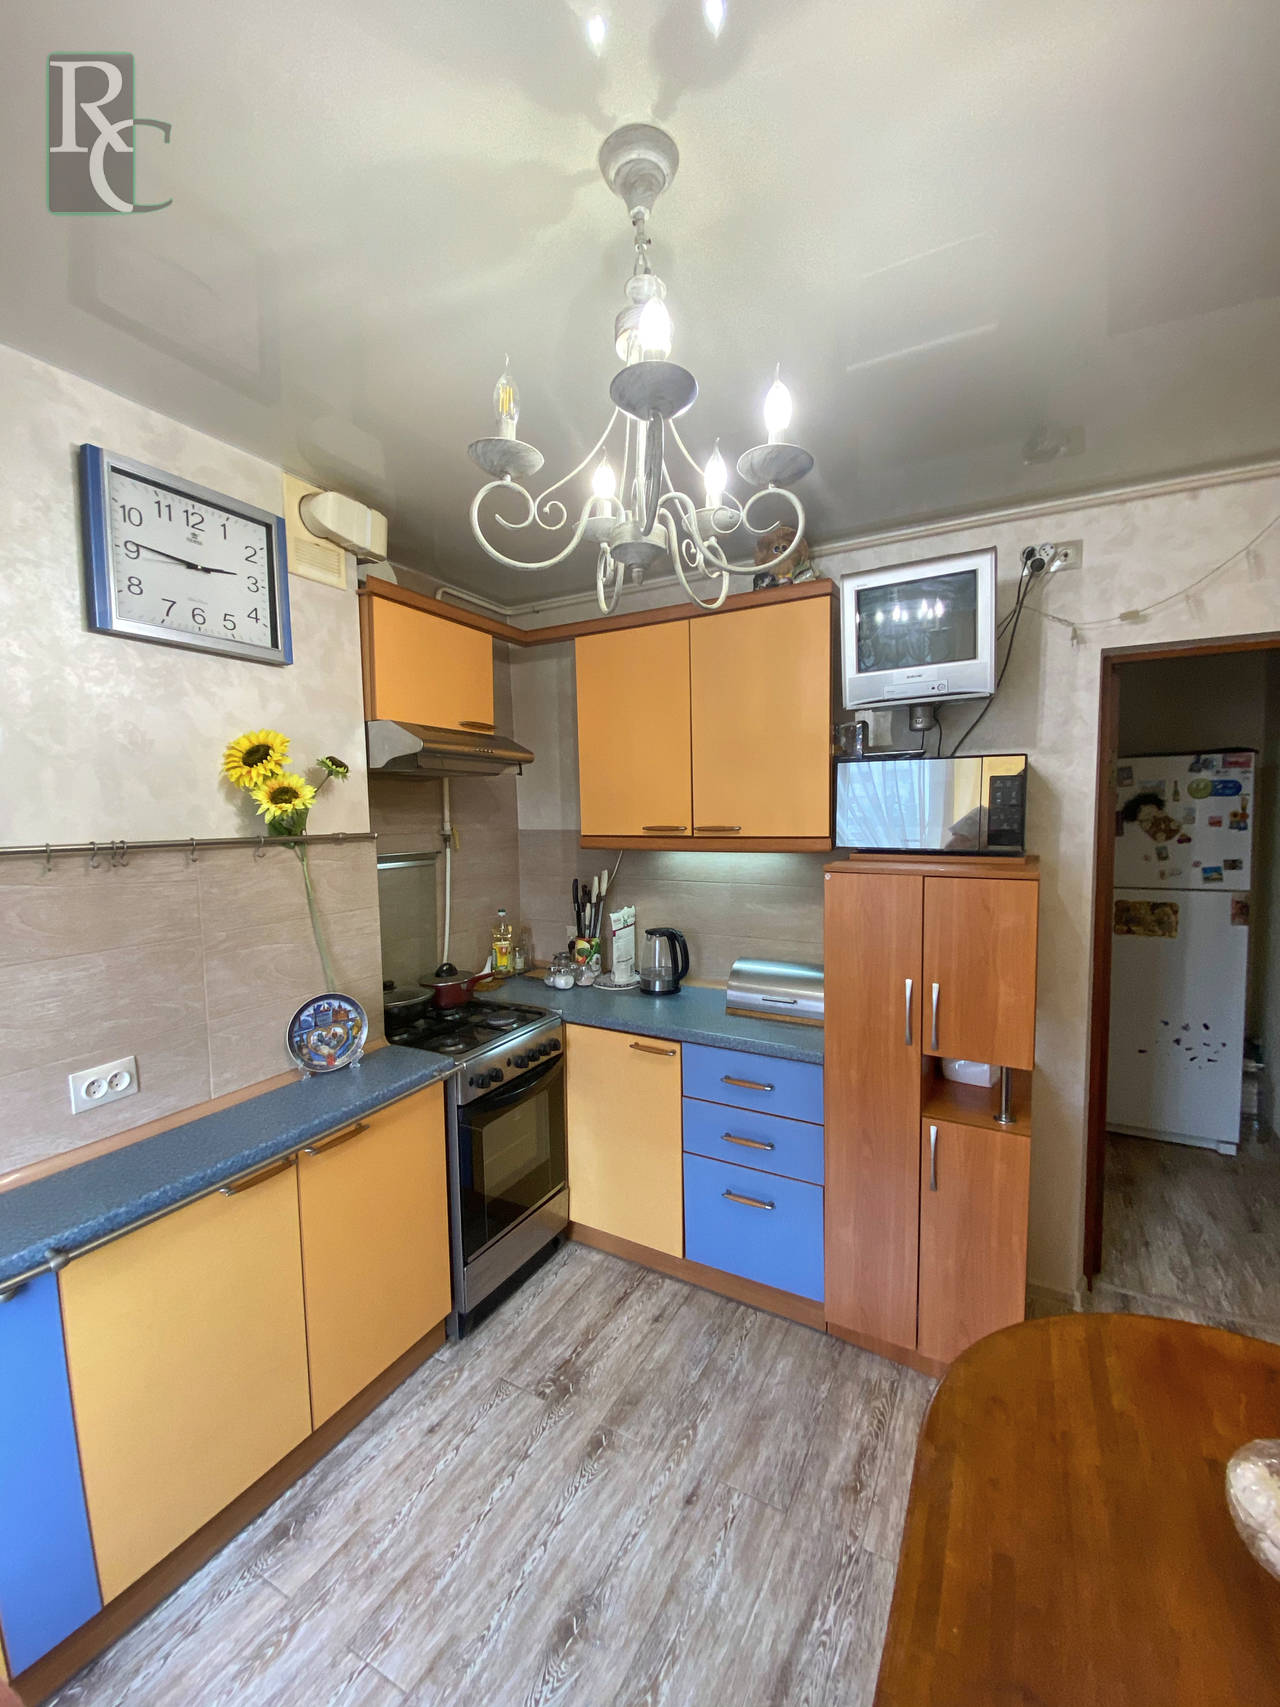 Продается четырехкомнатная квартира на Проспекте Октябрьской революции дом 26.